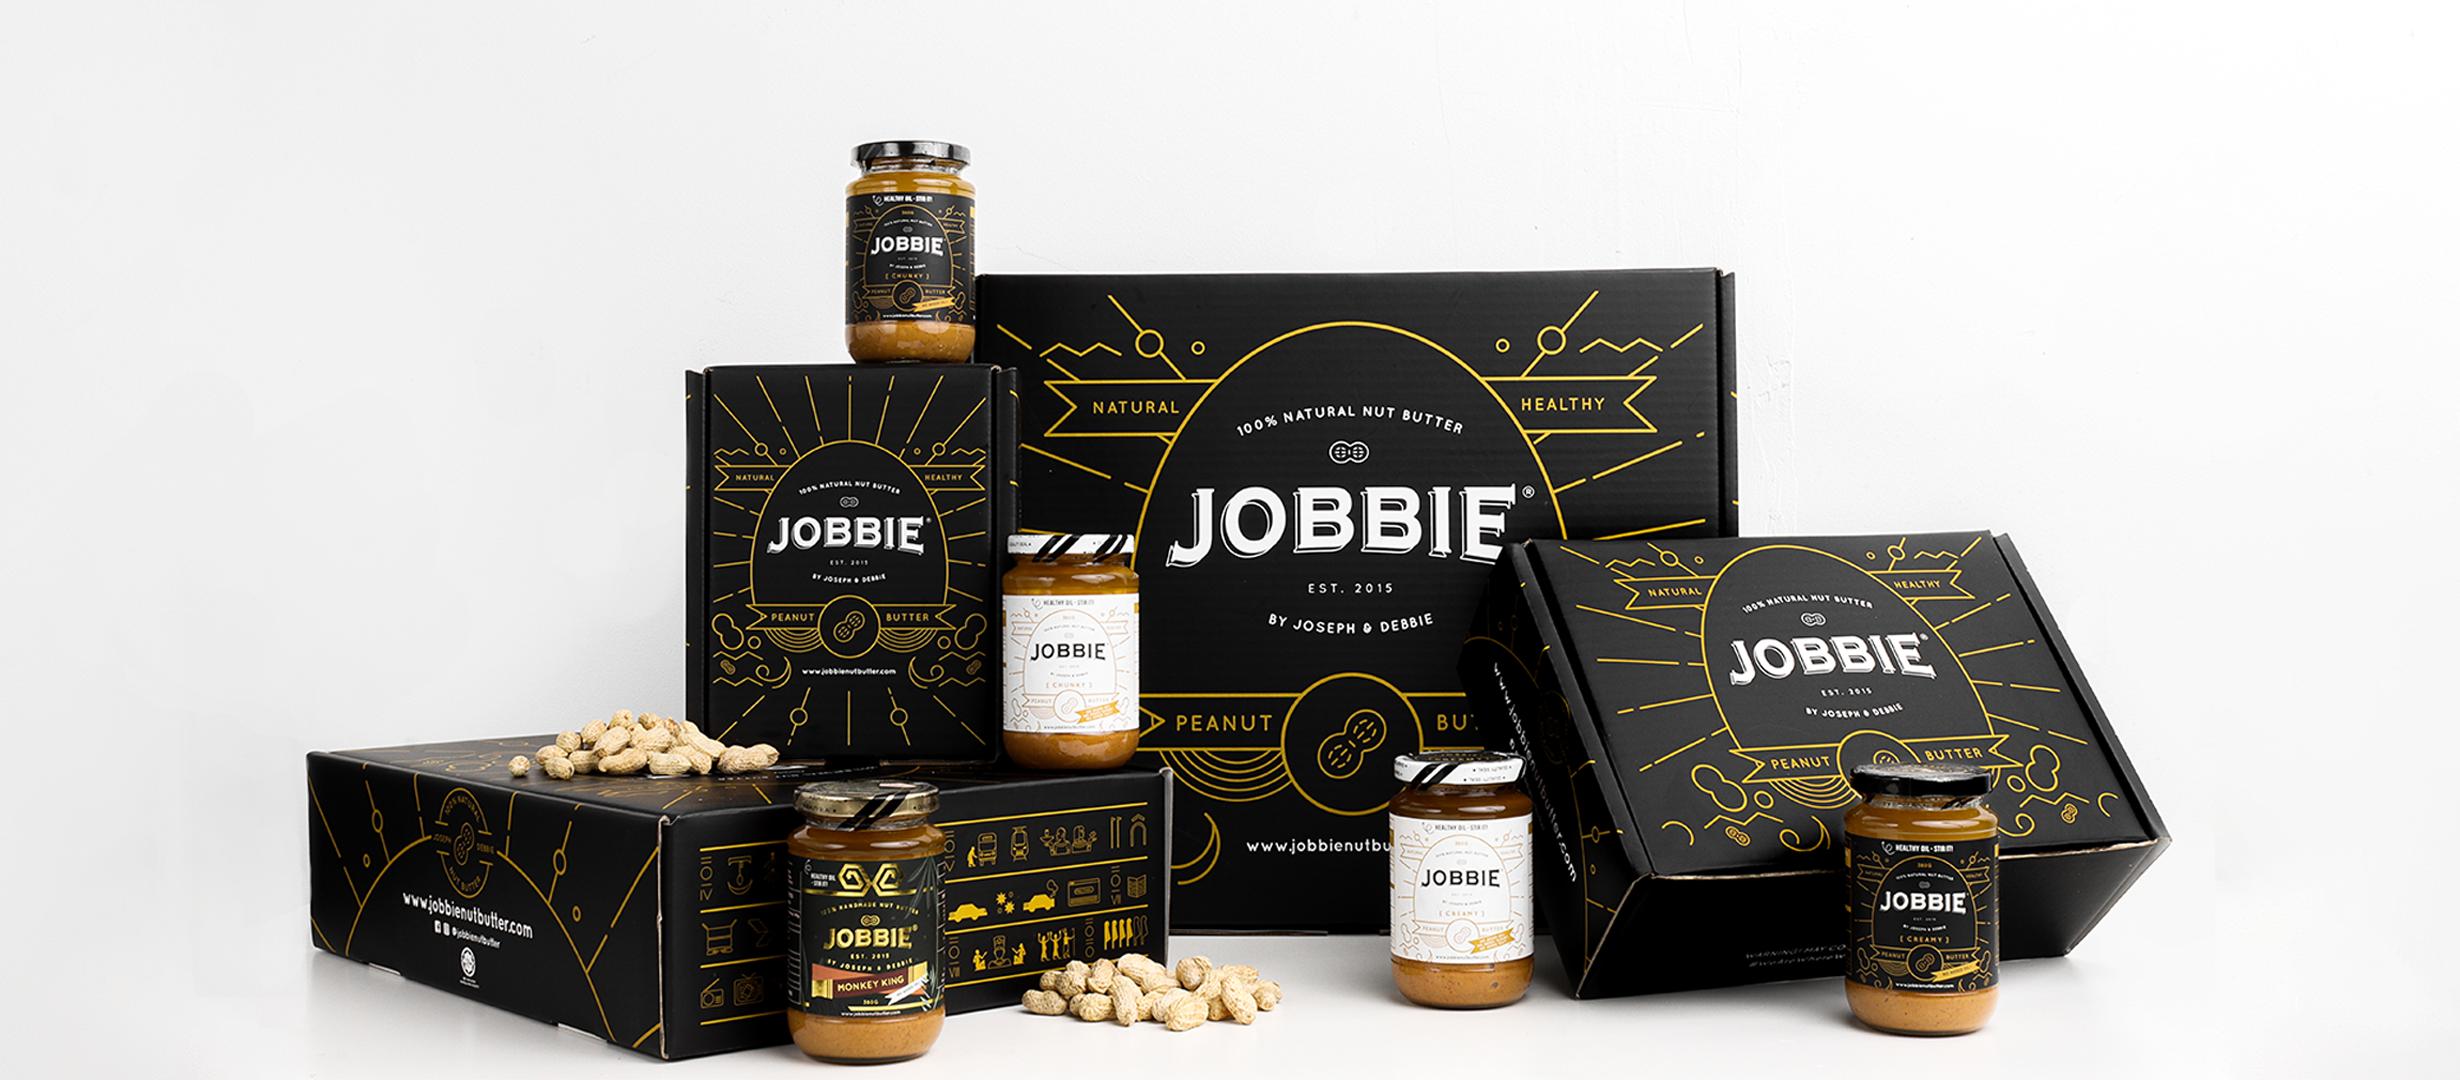 JOBBIE Nut Butter Box